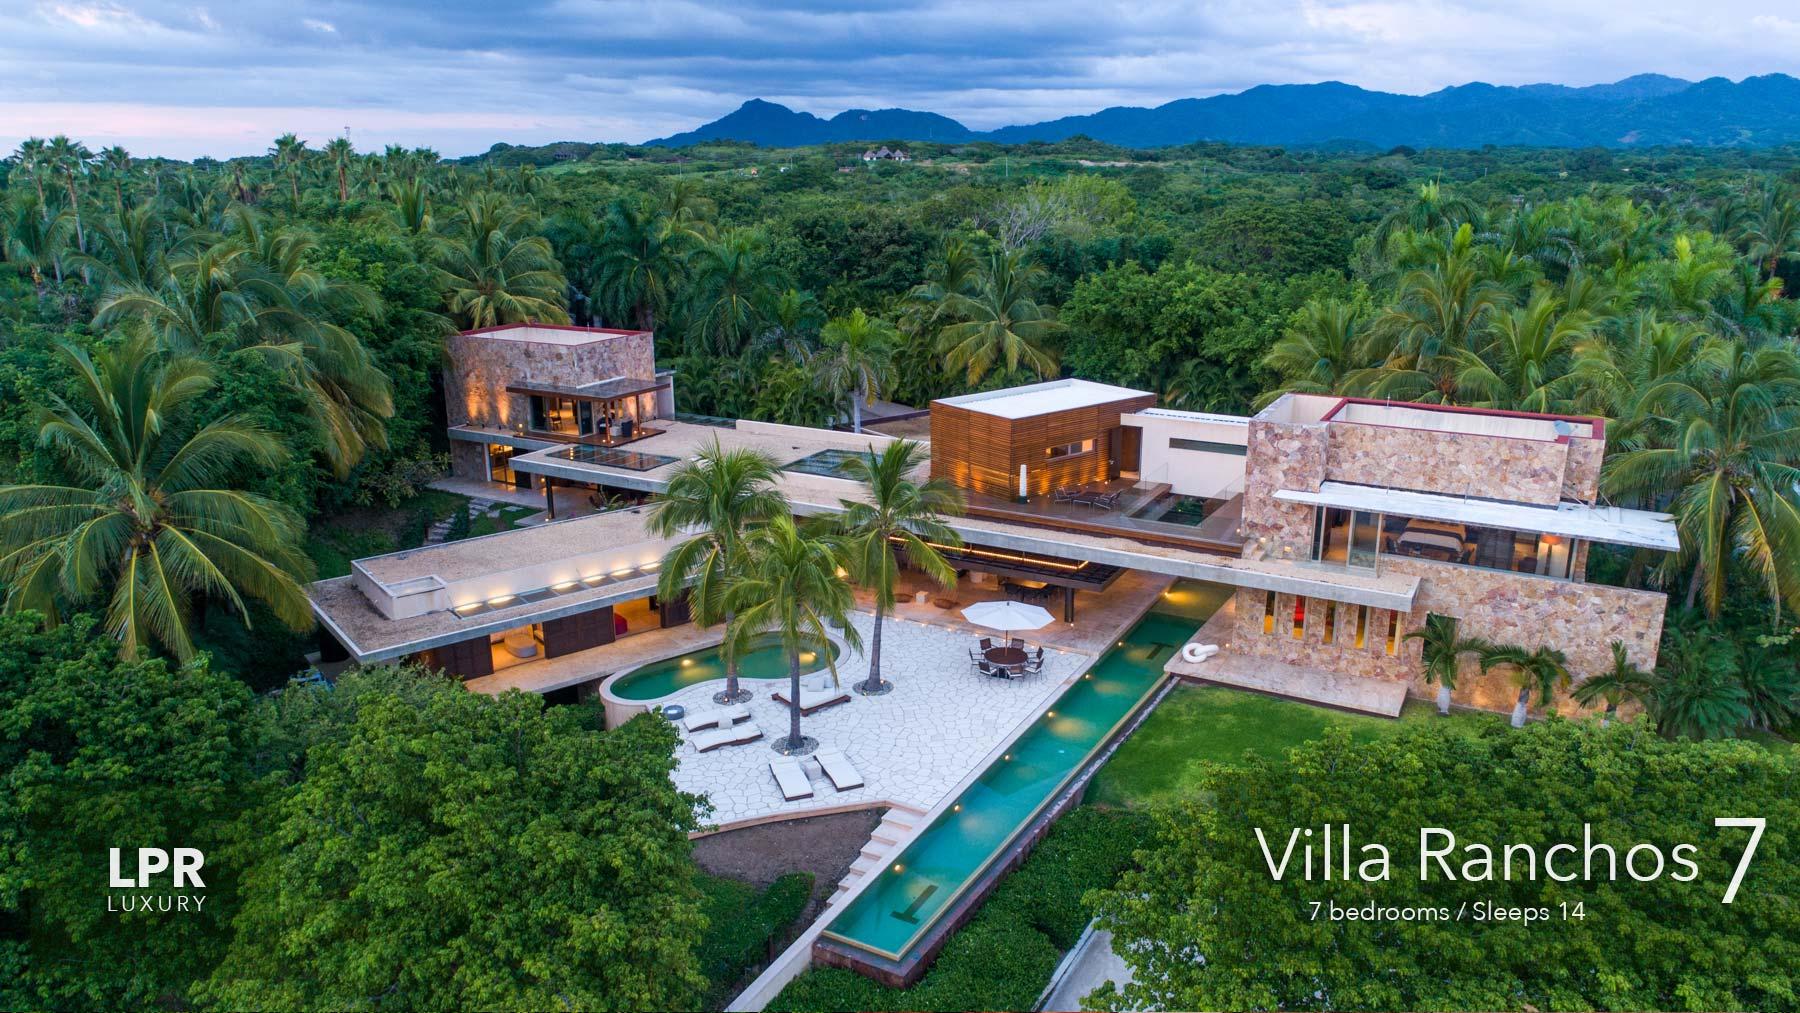 Villa Ranchos 7 - Punta Mita Resort - Mexico Luxury Vacation Rentals and Resort Real Estate